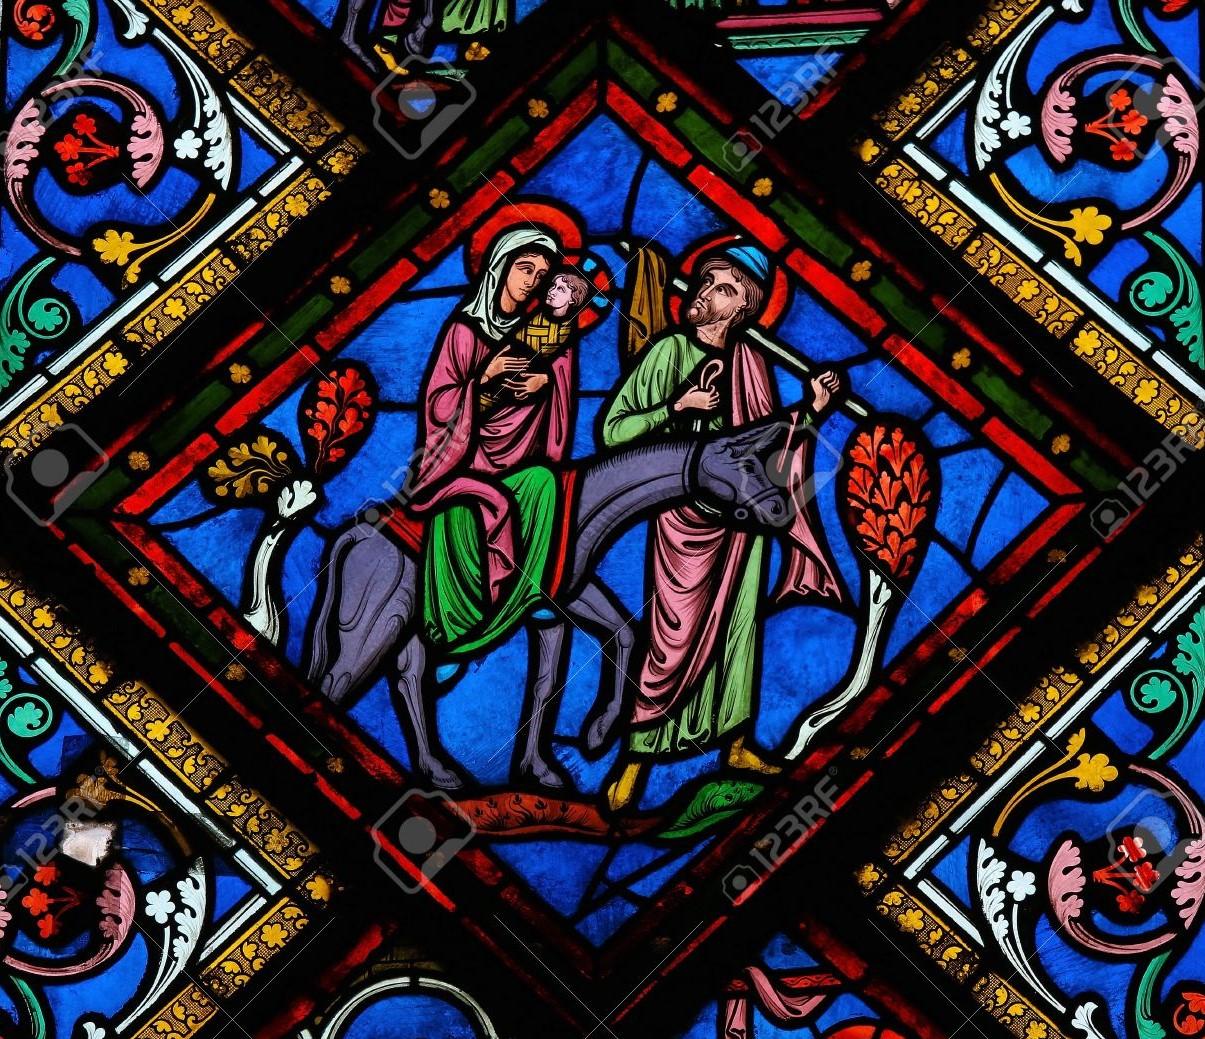 Glas-in-lood-raam-van-de-heilige-familie-in-bethlehem-in-de-kathedraal-van-bayeux-normandië-frankrijk 2019